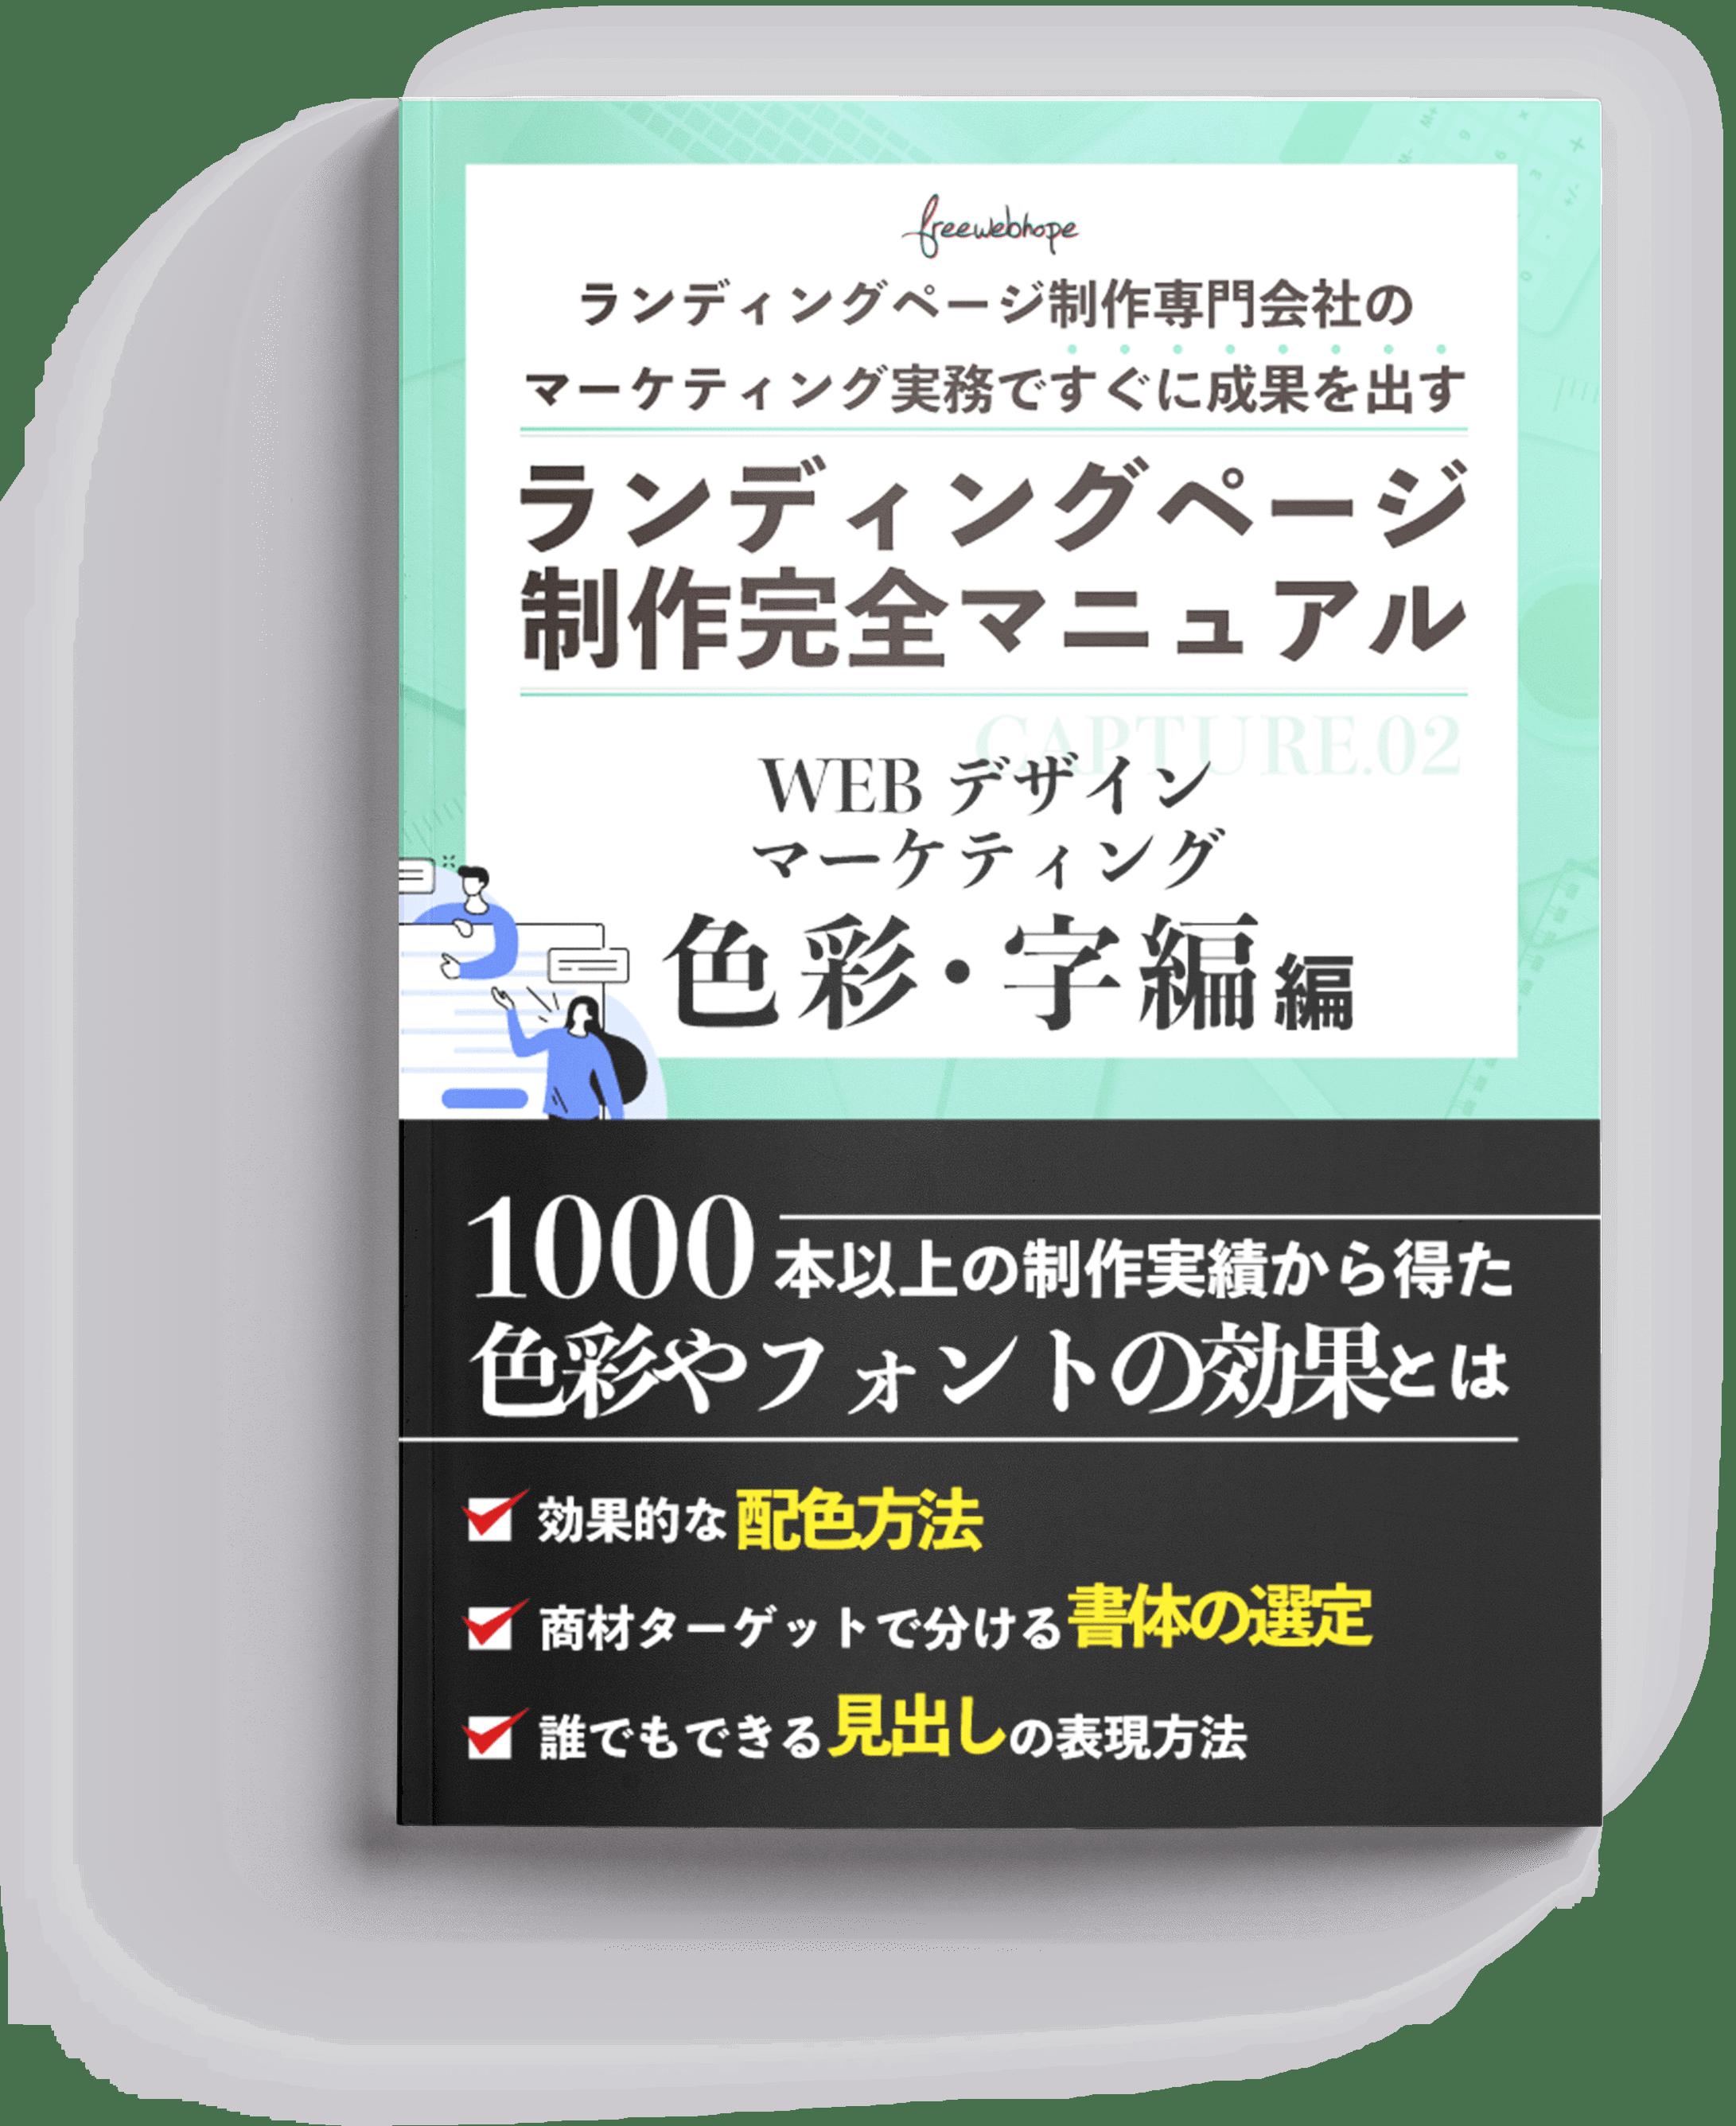 ランディングページ制作専門10年目の会社の完全マニュアル 色・字体編